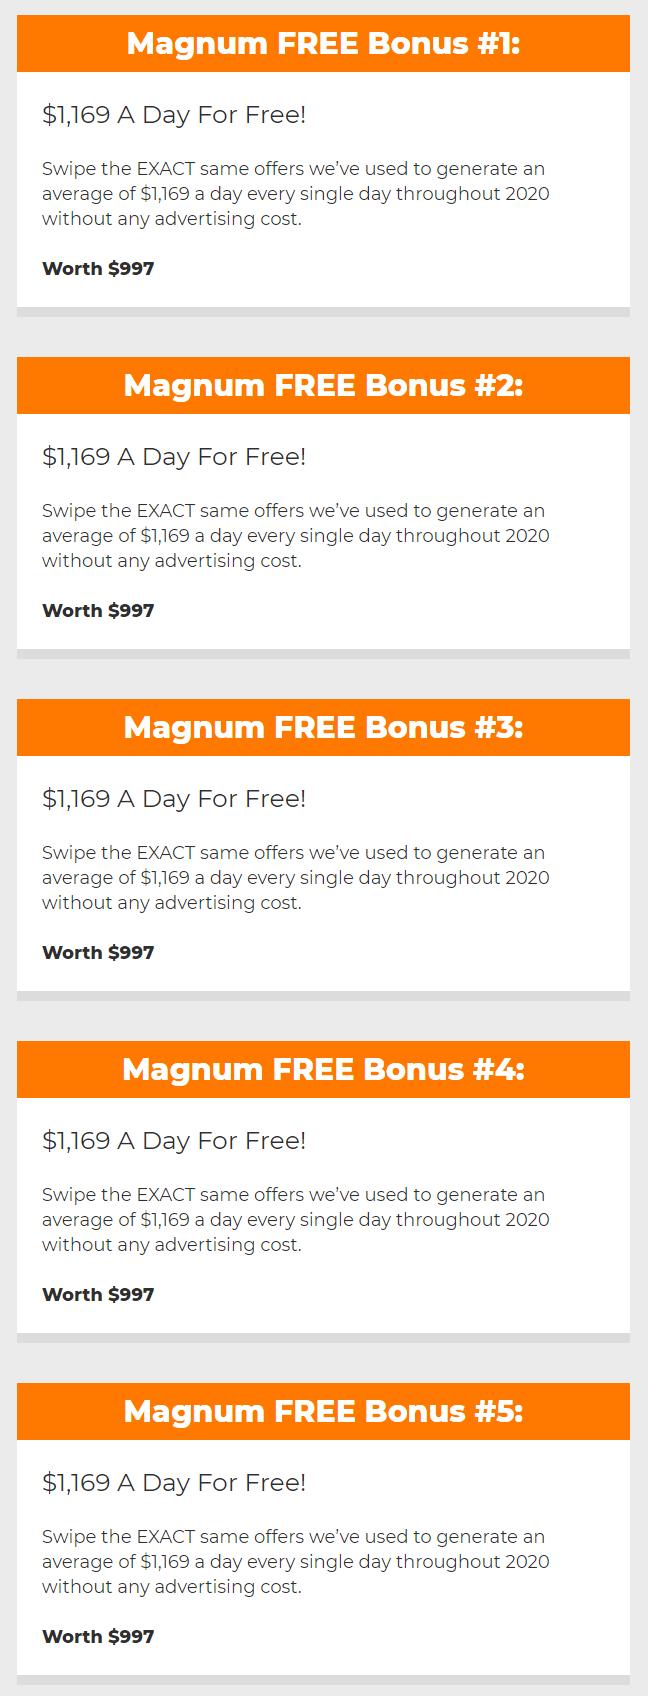 Magnum-bonus